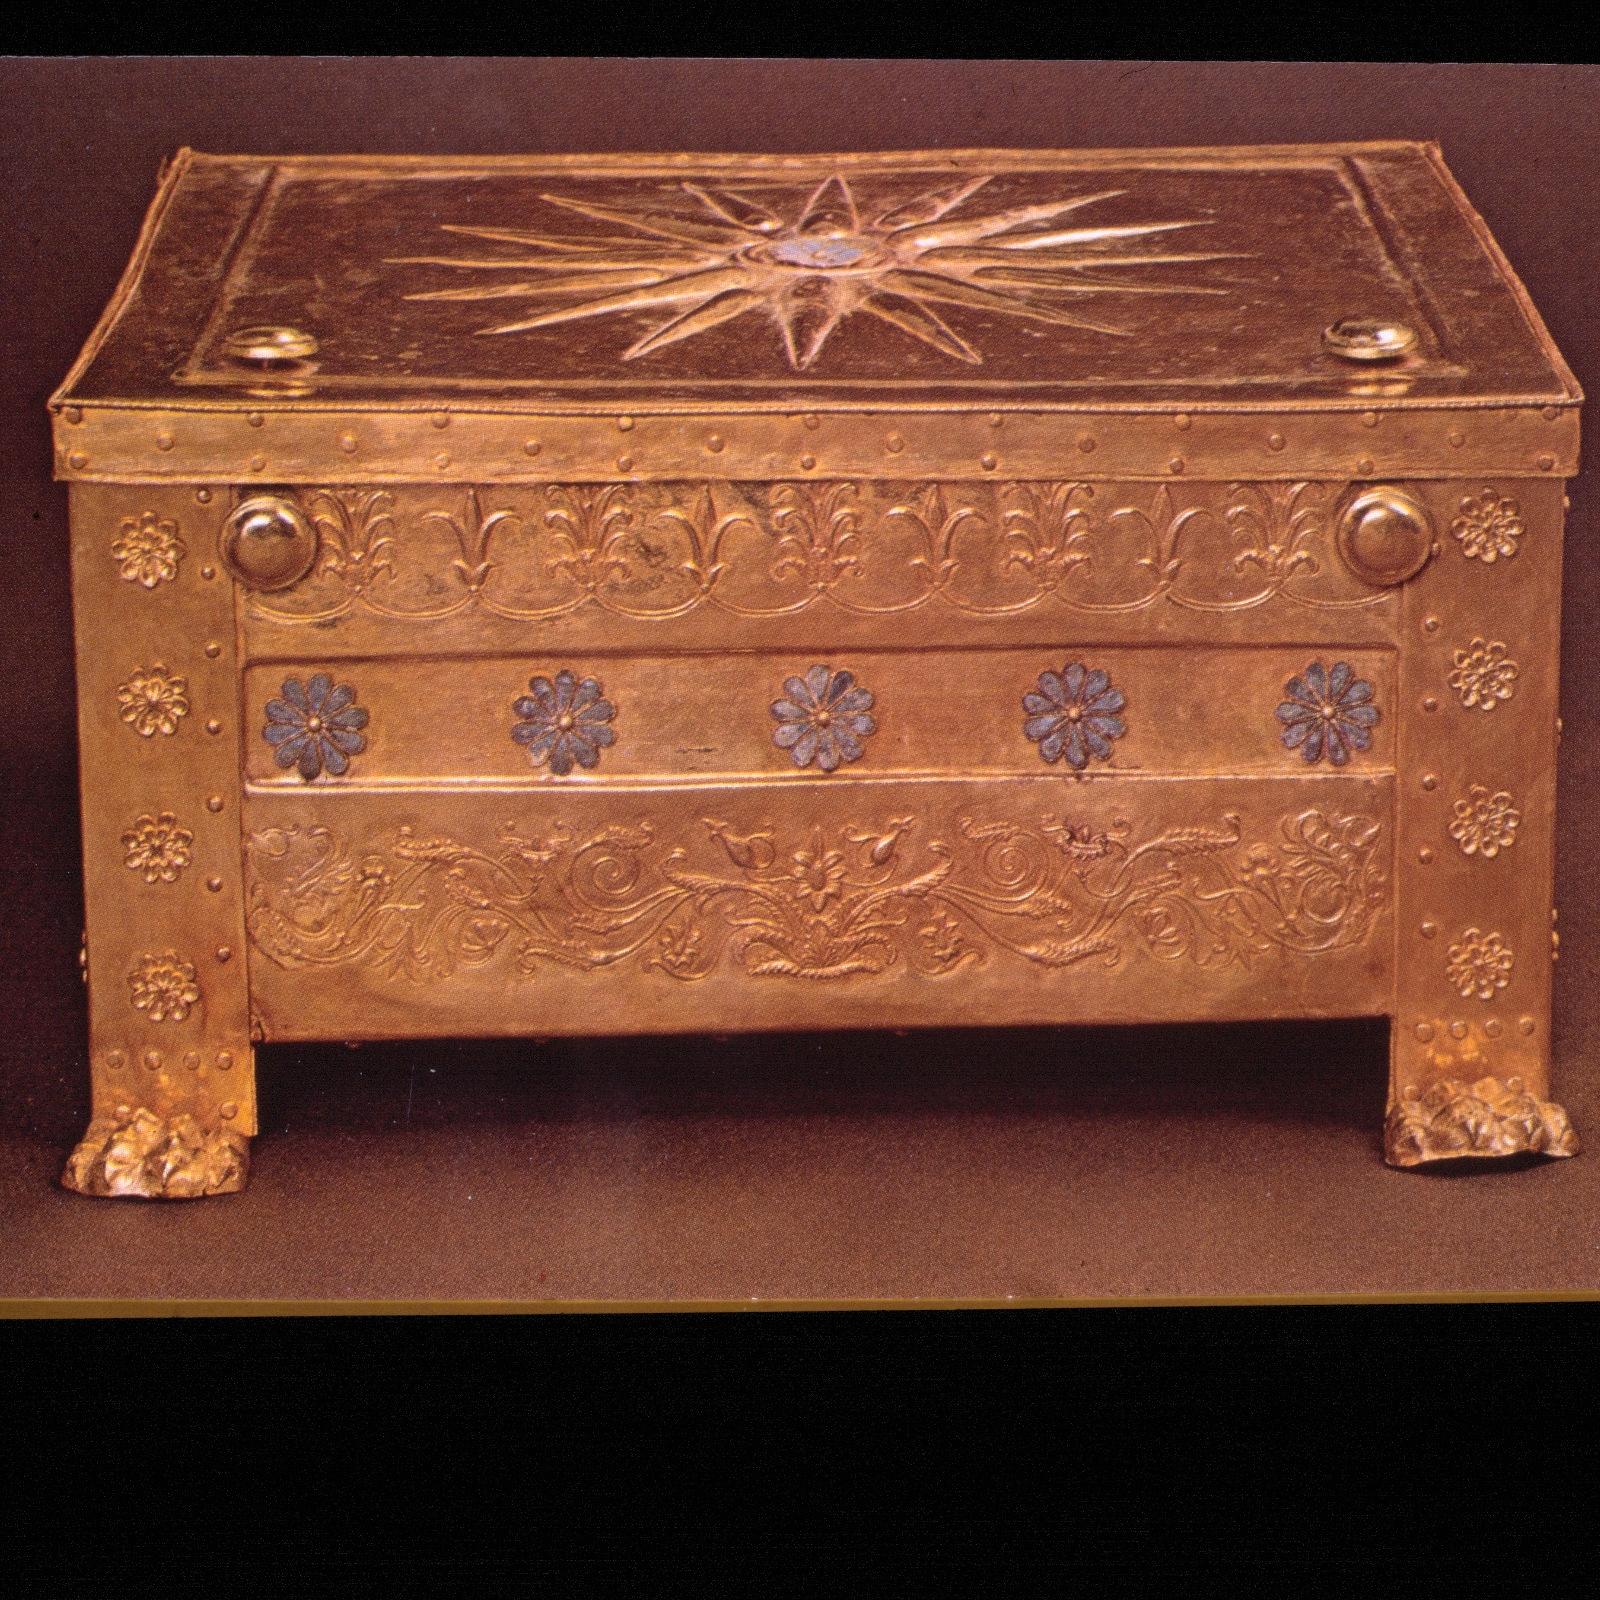 Археологический музей в Салониках. Золотой ларец из царских гробниц Вергины. Македонская звезда, 16 лучей. 348 г. до н.э